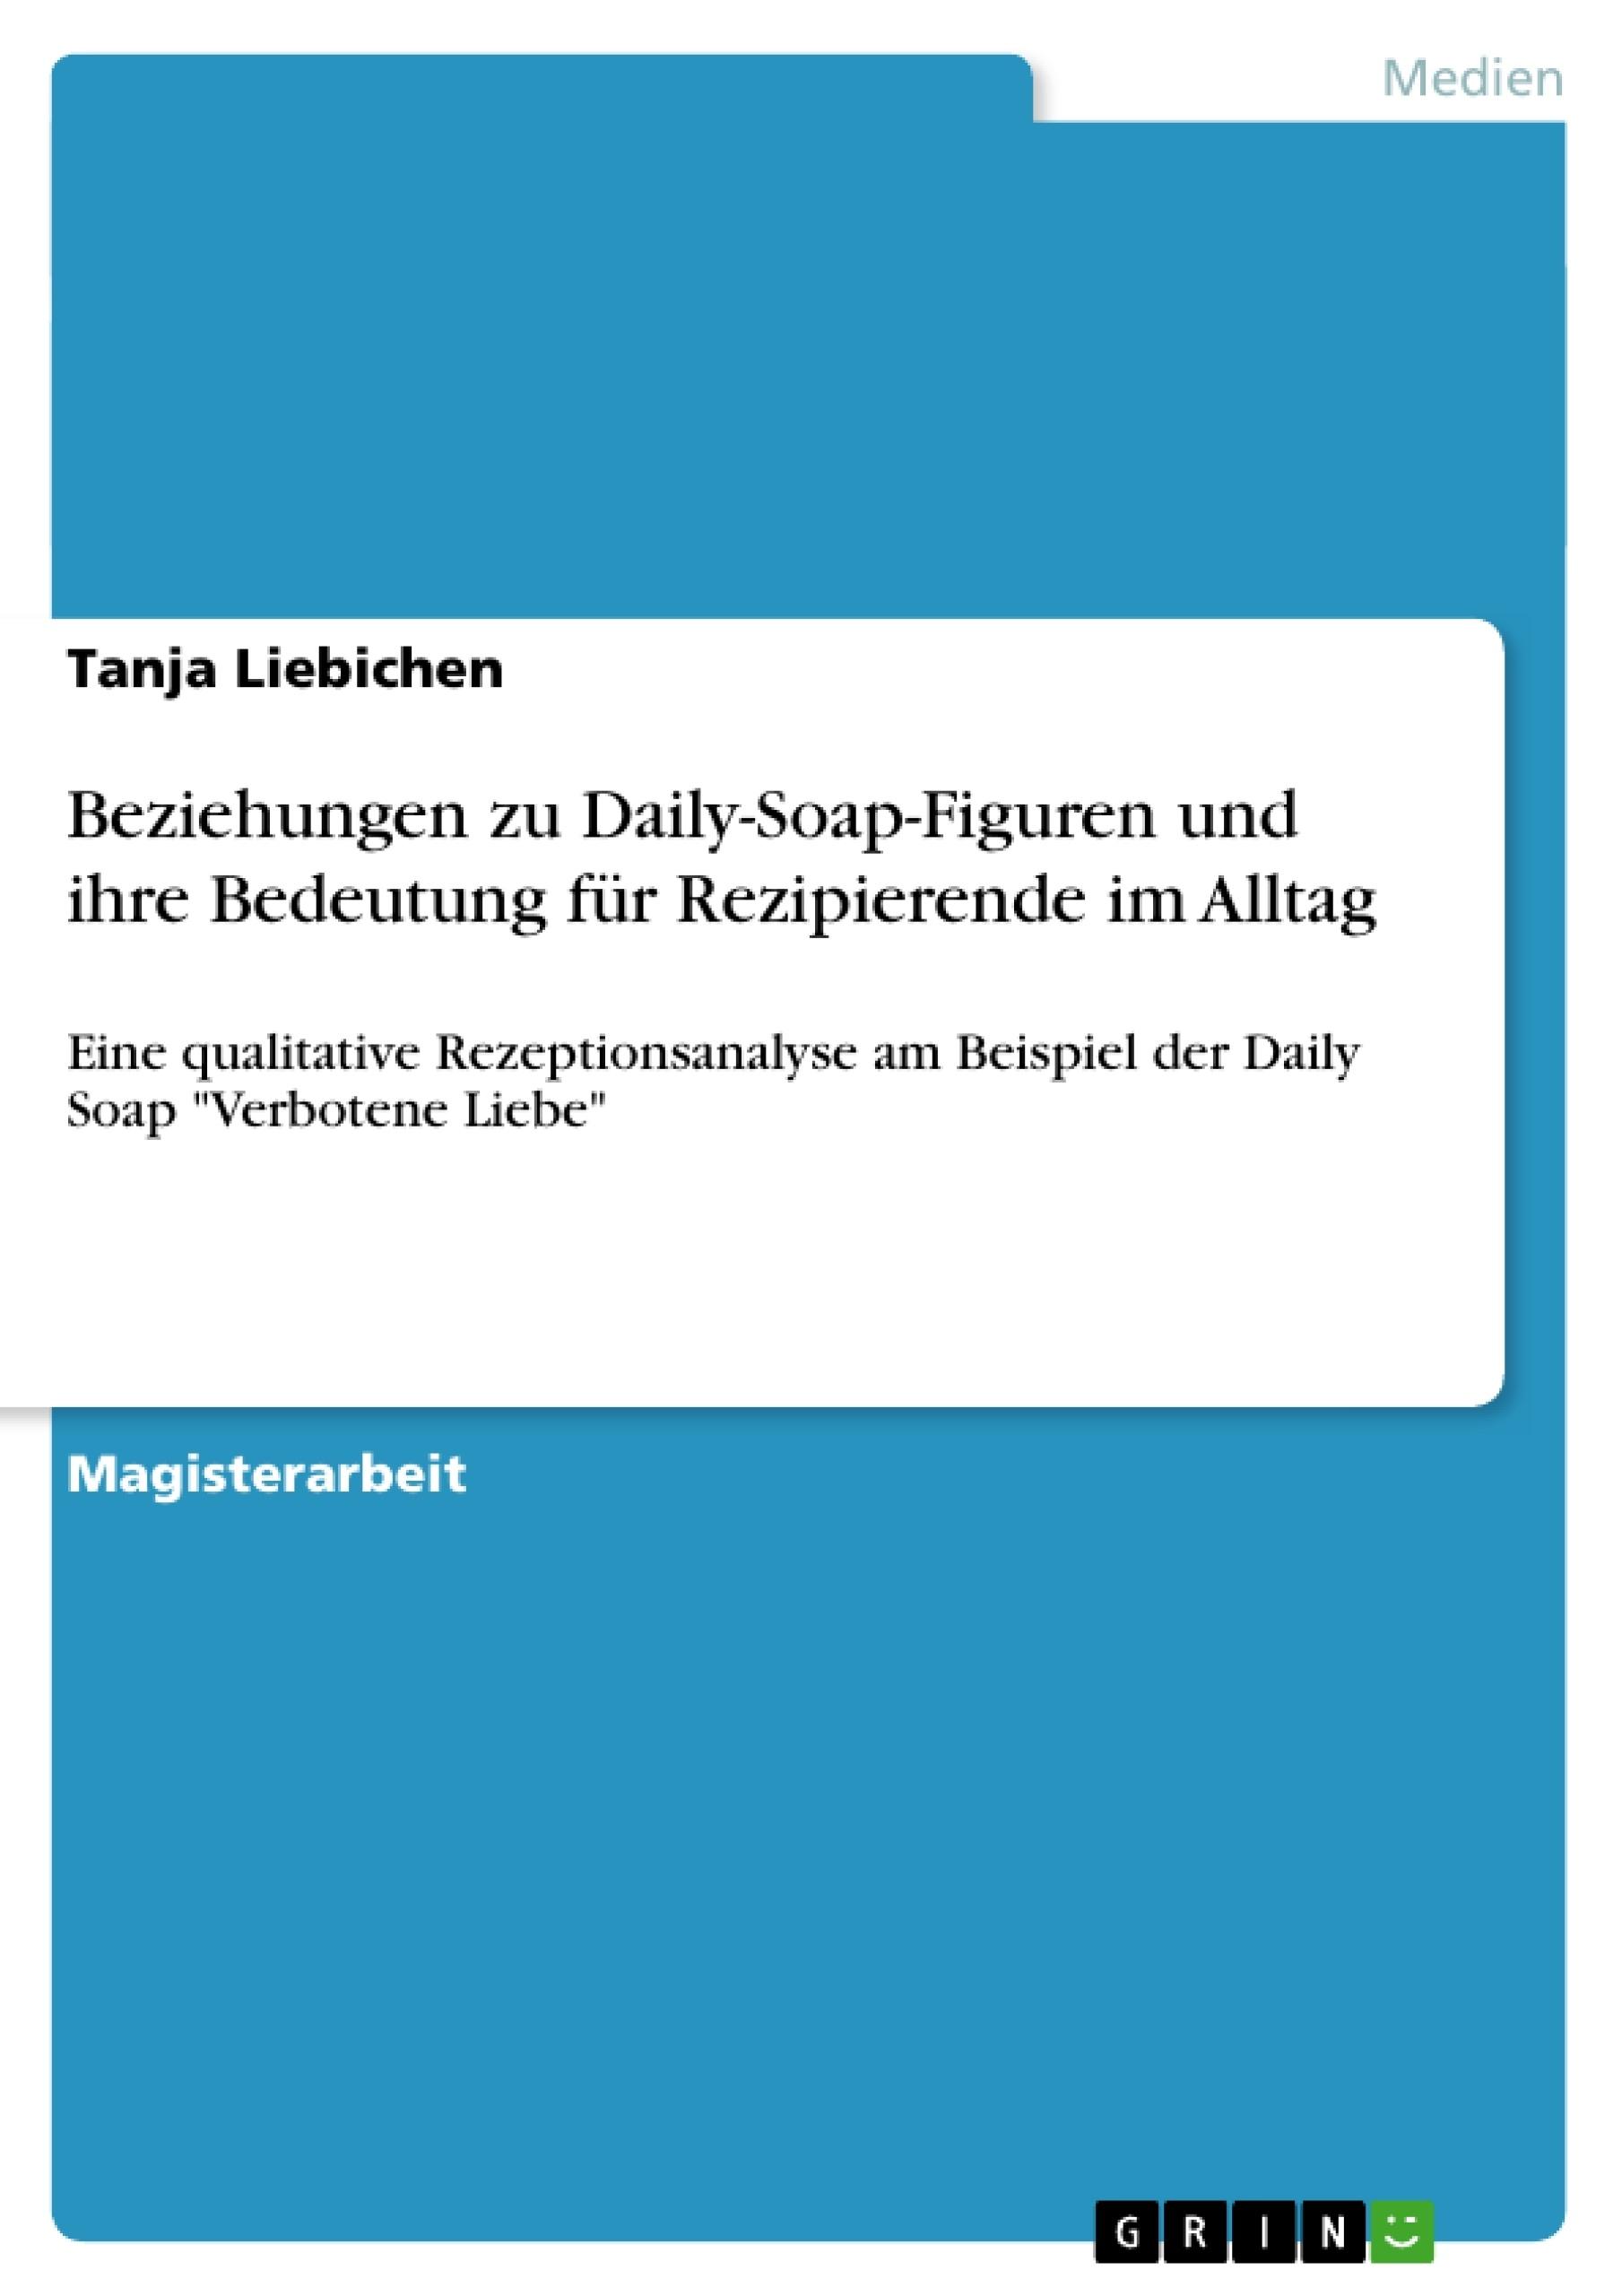 Titel: Beziehungen zu Daily-Soap-Figuren und ihre Bedeutung für Rezipierende im Alltag